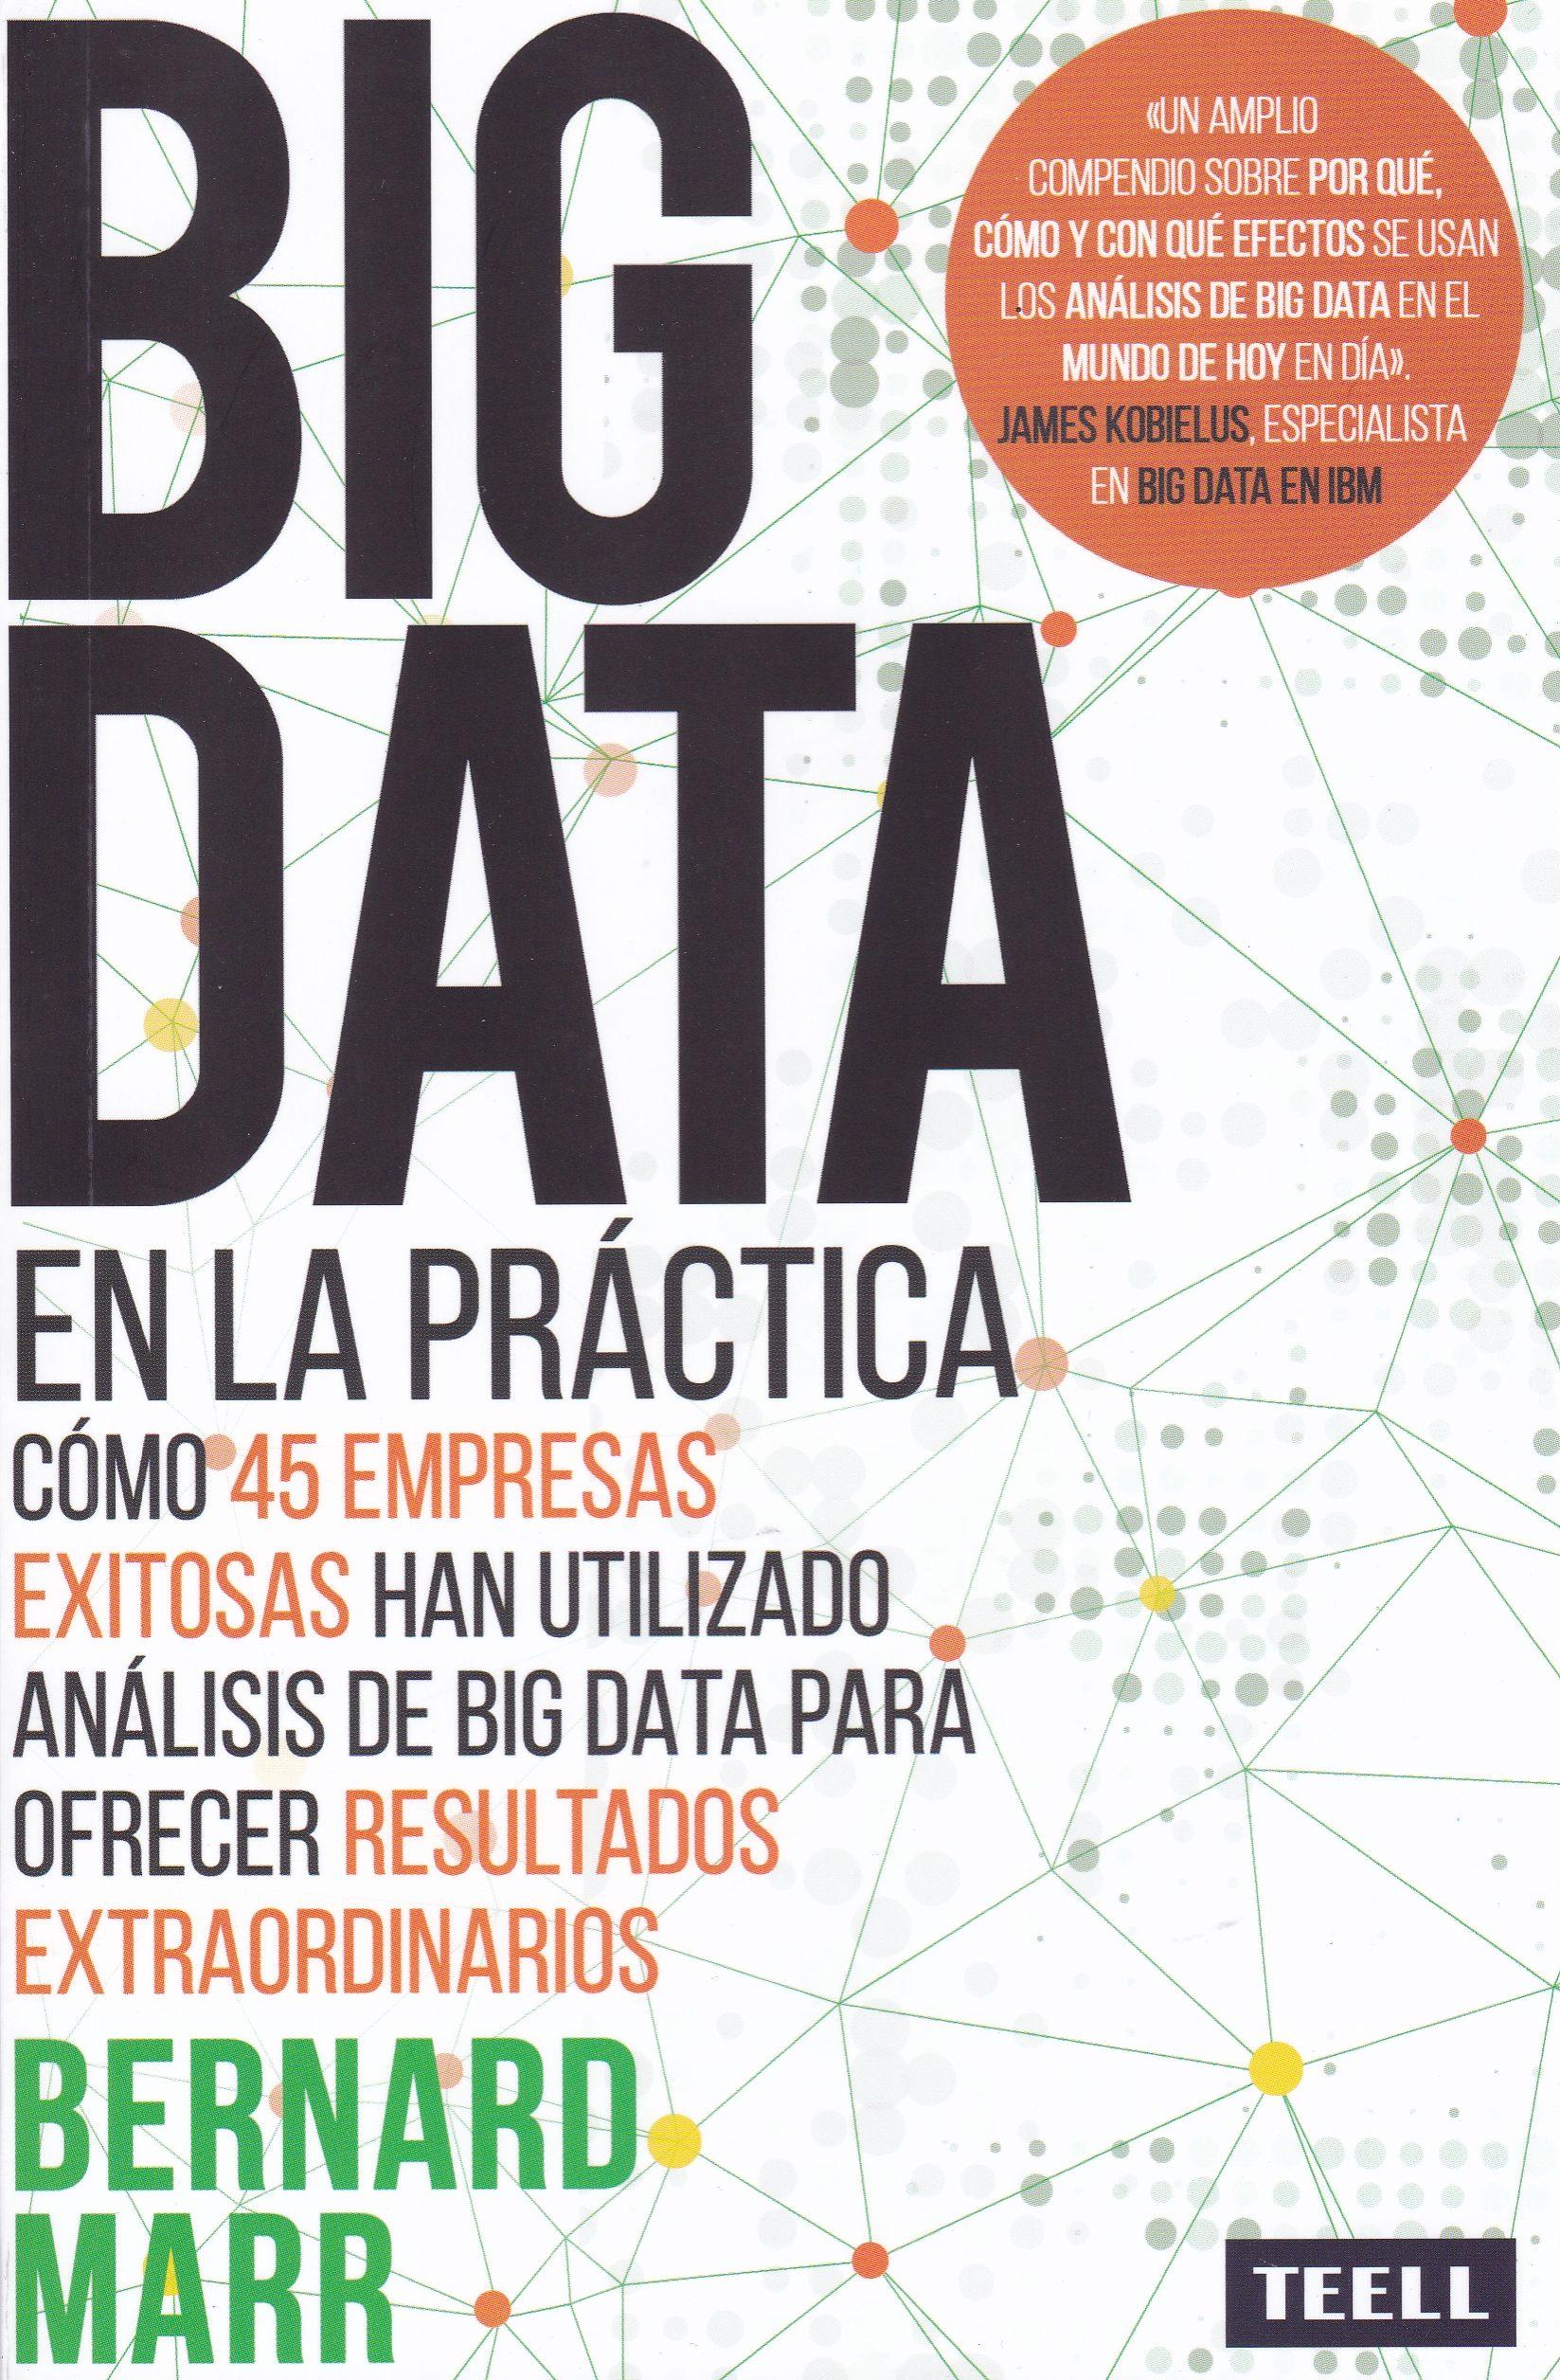 Big Data En La Practica: Como 45 Empresas Exitosas Han Utilizado Analisis De Big Data Para Ofrecer Resultados Extraordinarios por Bernard Marr